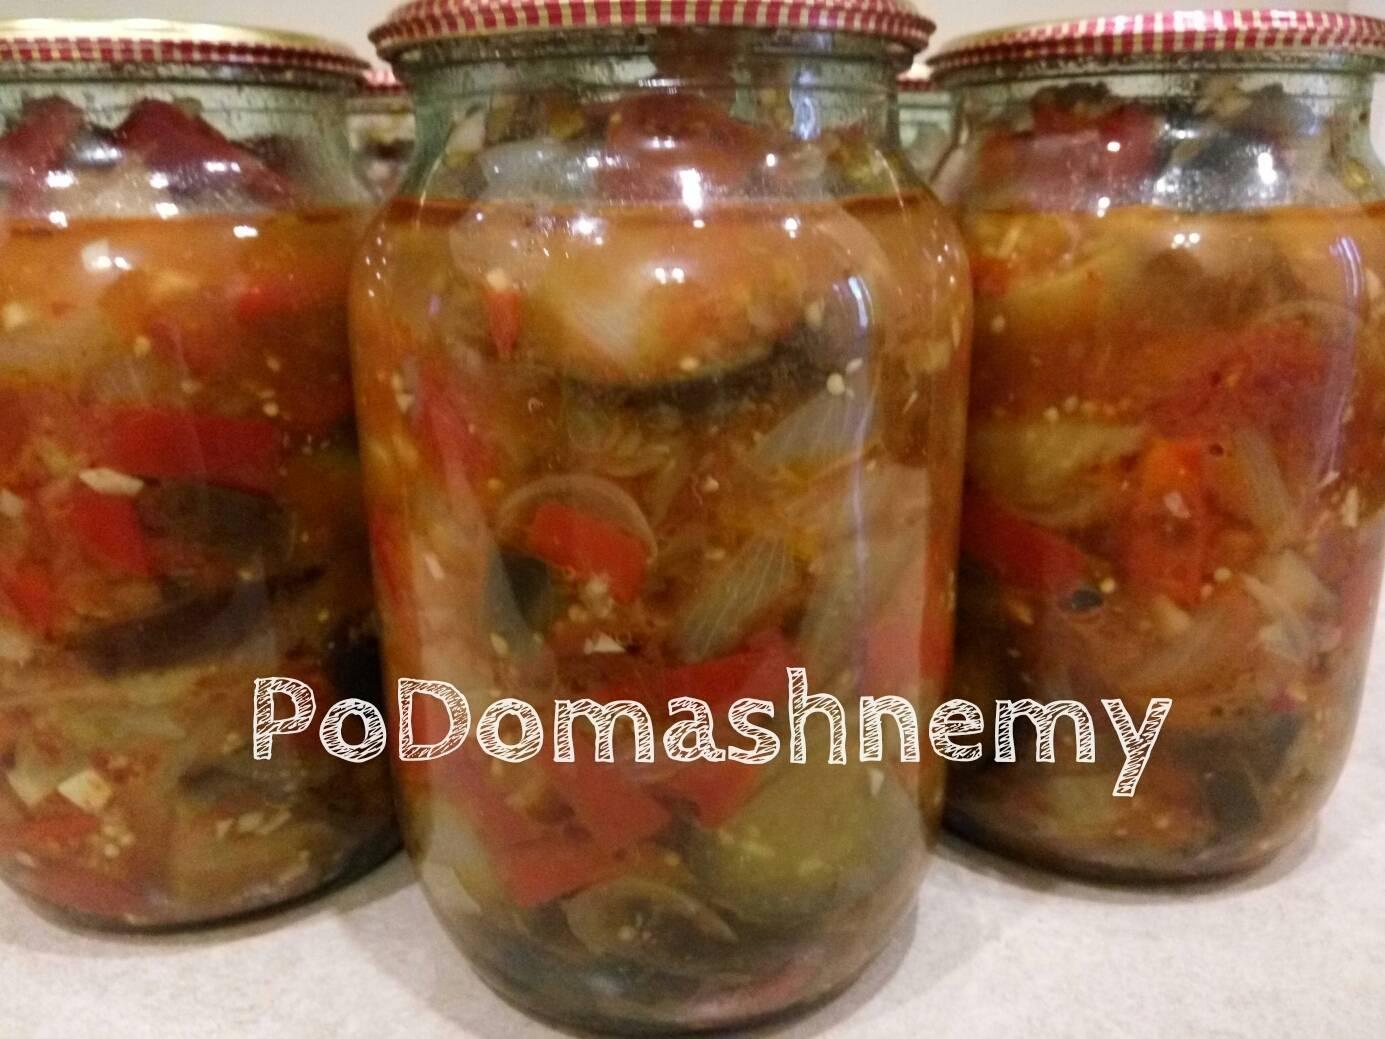 Рецепт десяточка из баклажанов. салат «десятка» из баклажанов на зиму-рецепты вкусной и полезной заготовки. рецепт приготовления заготовки из баклажанов на зиму, запечённых в духовке